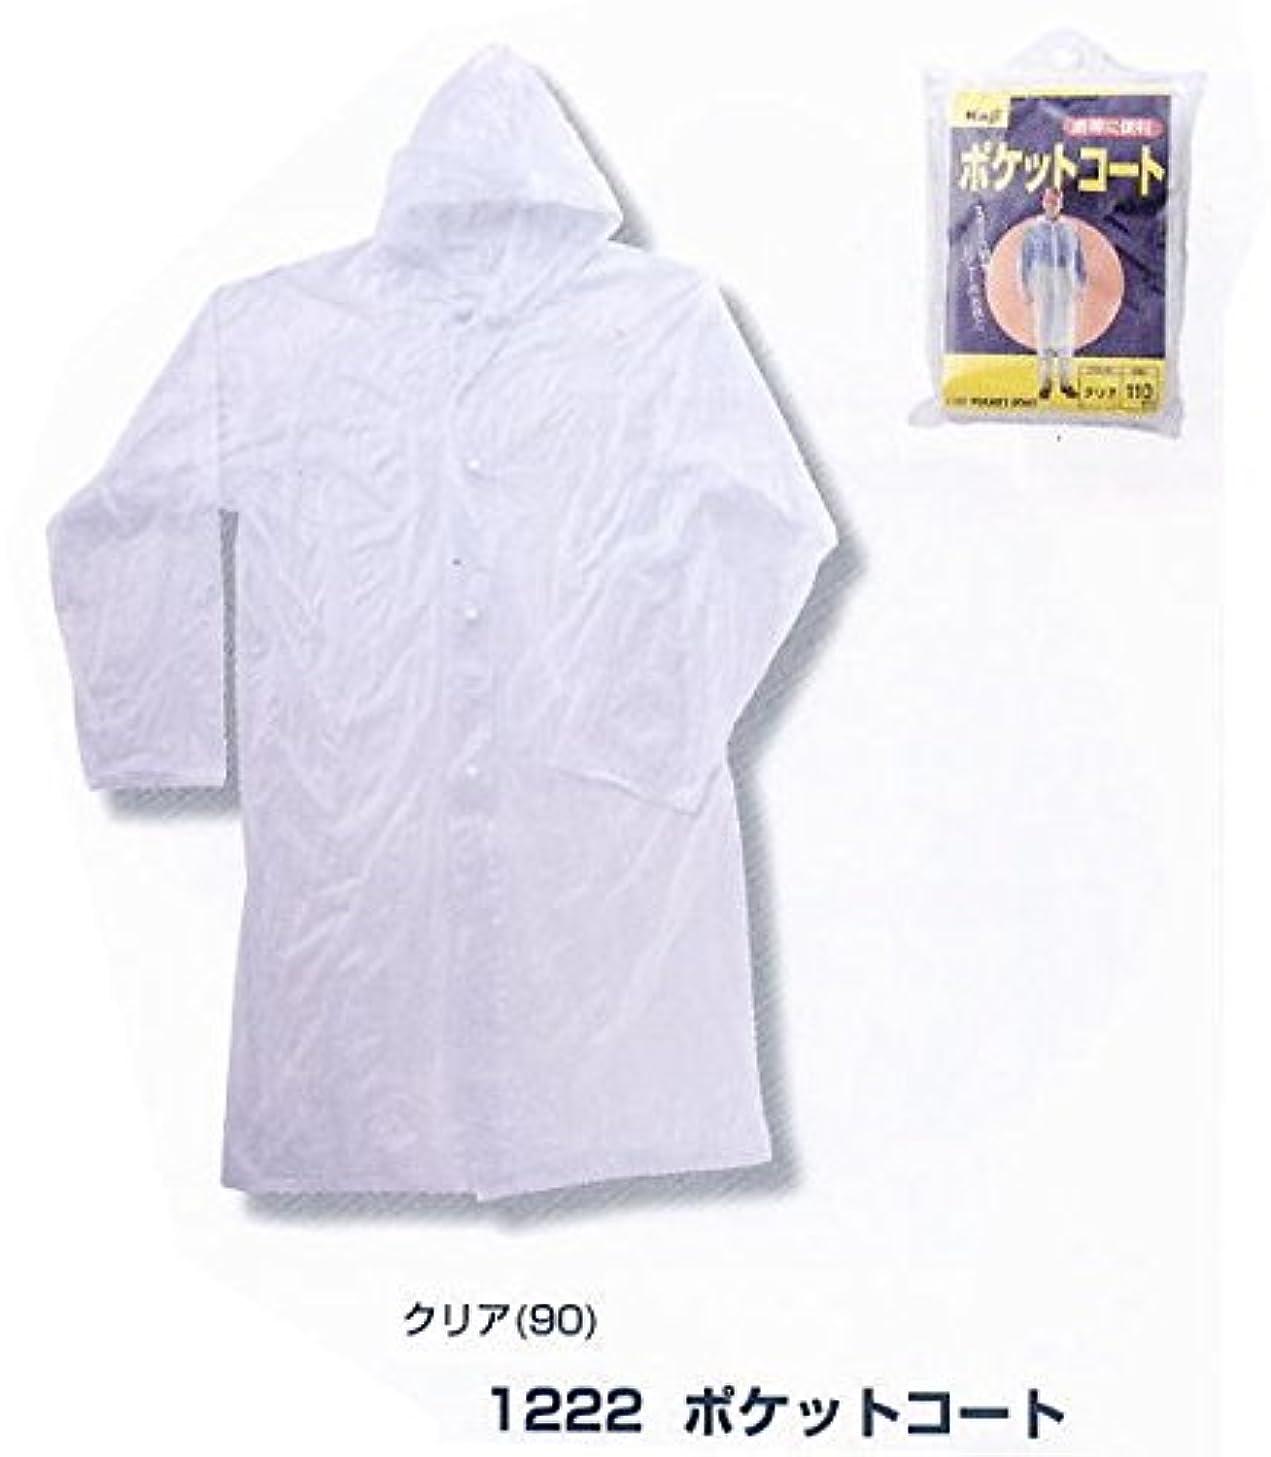 ダム快適愛【カジメイク】Kajimeiku 1222 ポケットコート ポケットレインコート 120cm